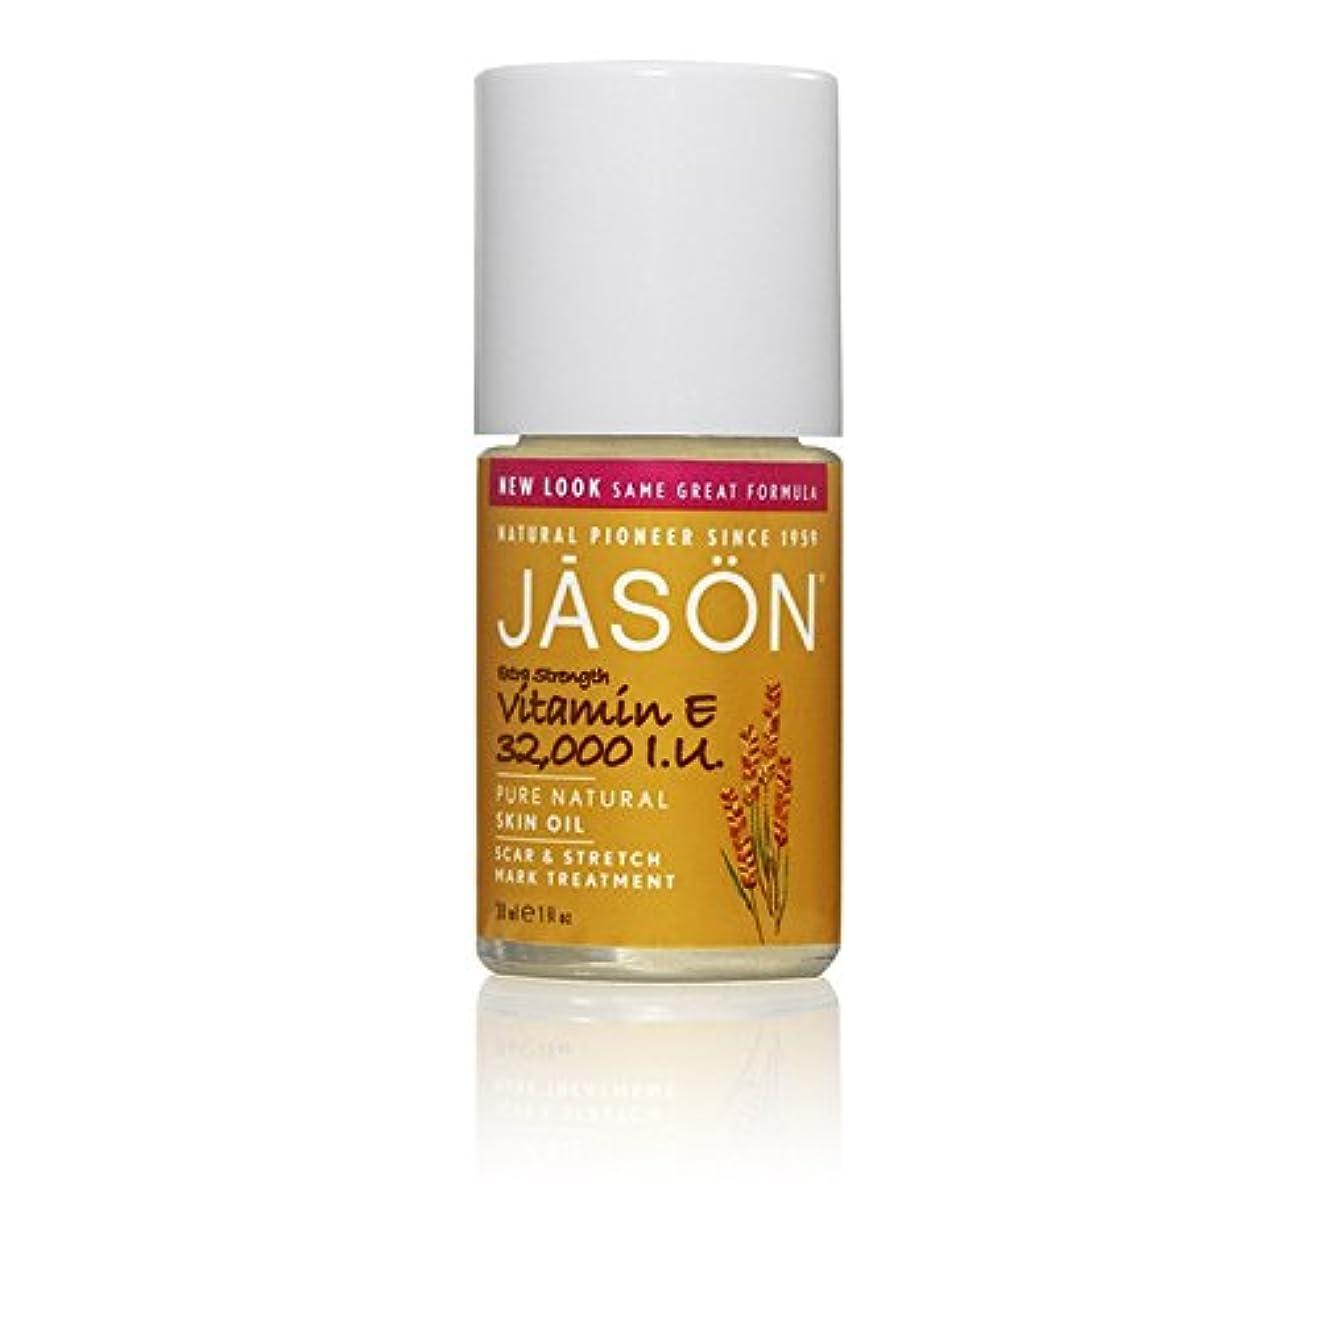 びっくりするバリーいつかジェイソン?ビタミン 32,000オイル傷跡&ストレッチマークトリートメント33ミリリットル x2 - Jason Vitamin E 32,000iu Oil Scar & Stretch Mark Treatment...